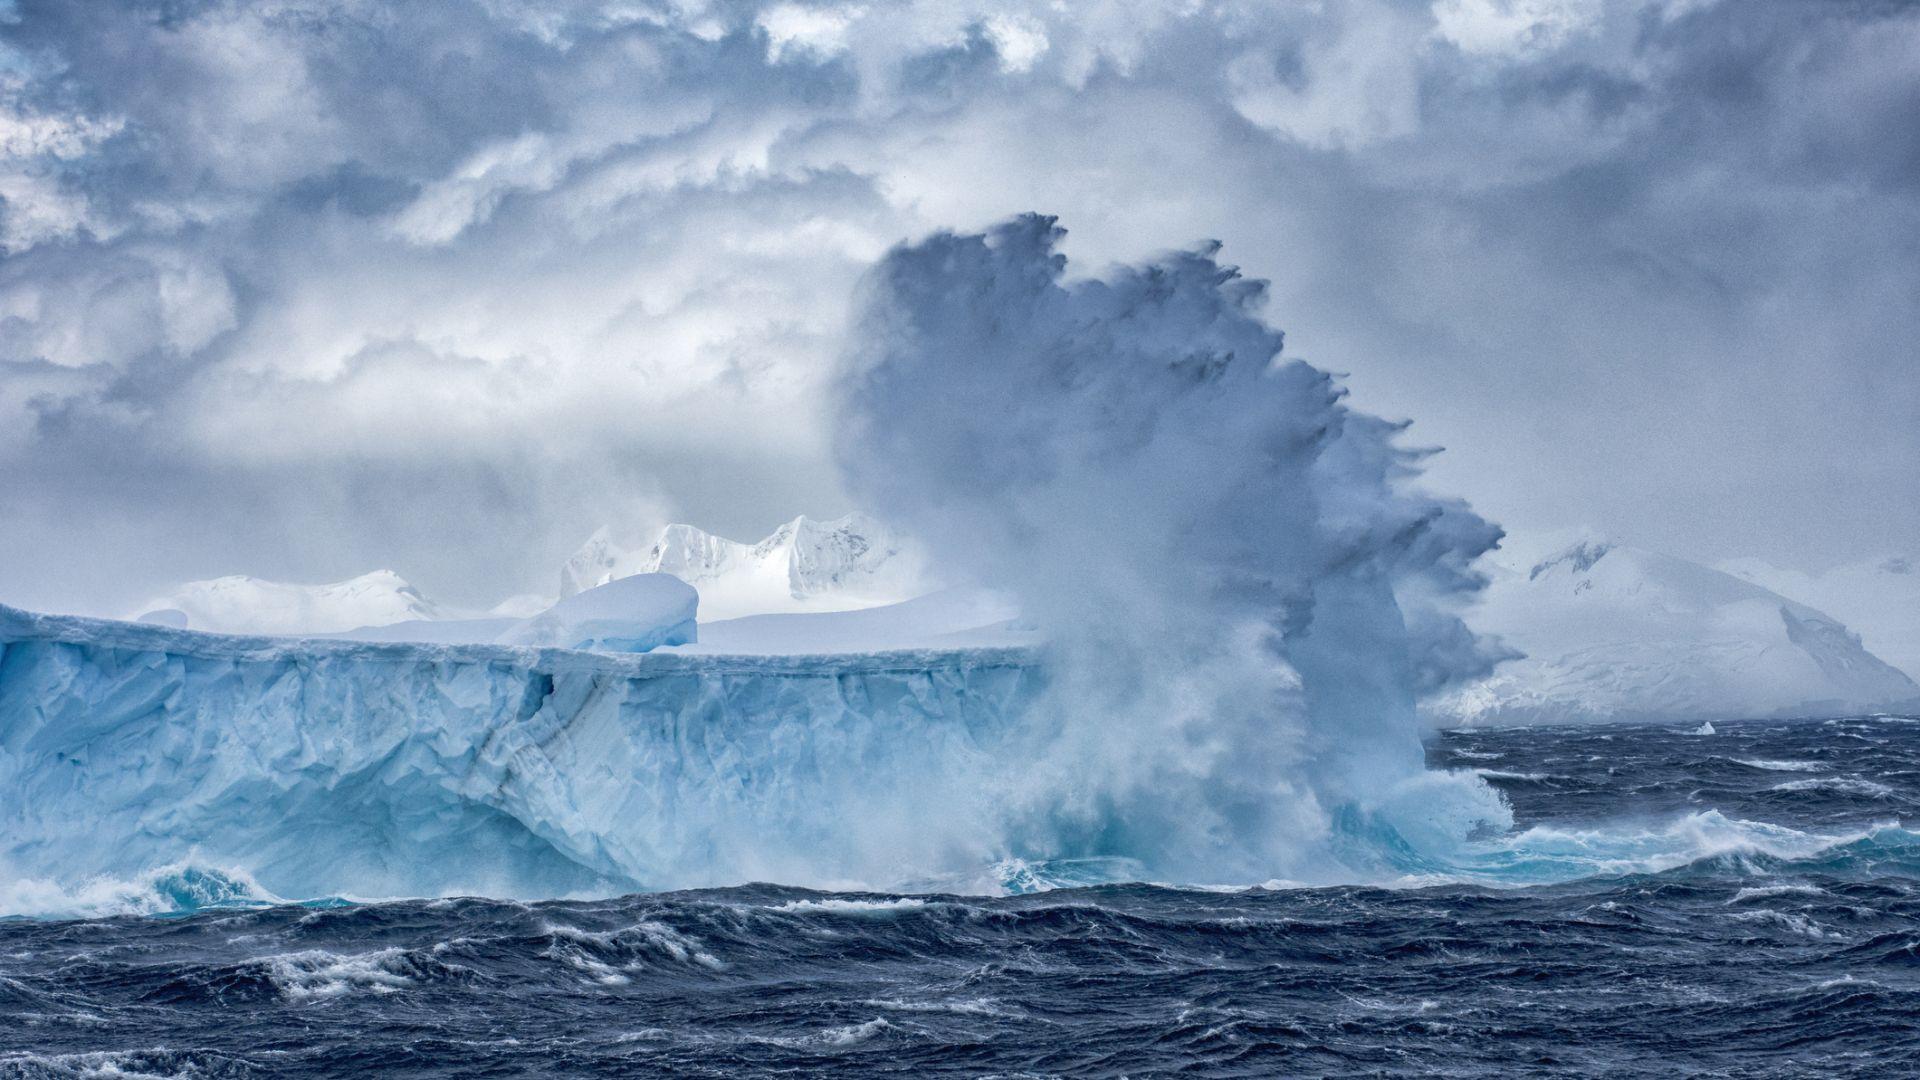 Въздухът над Южния океан - най-чистият на Земята